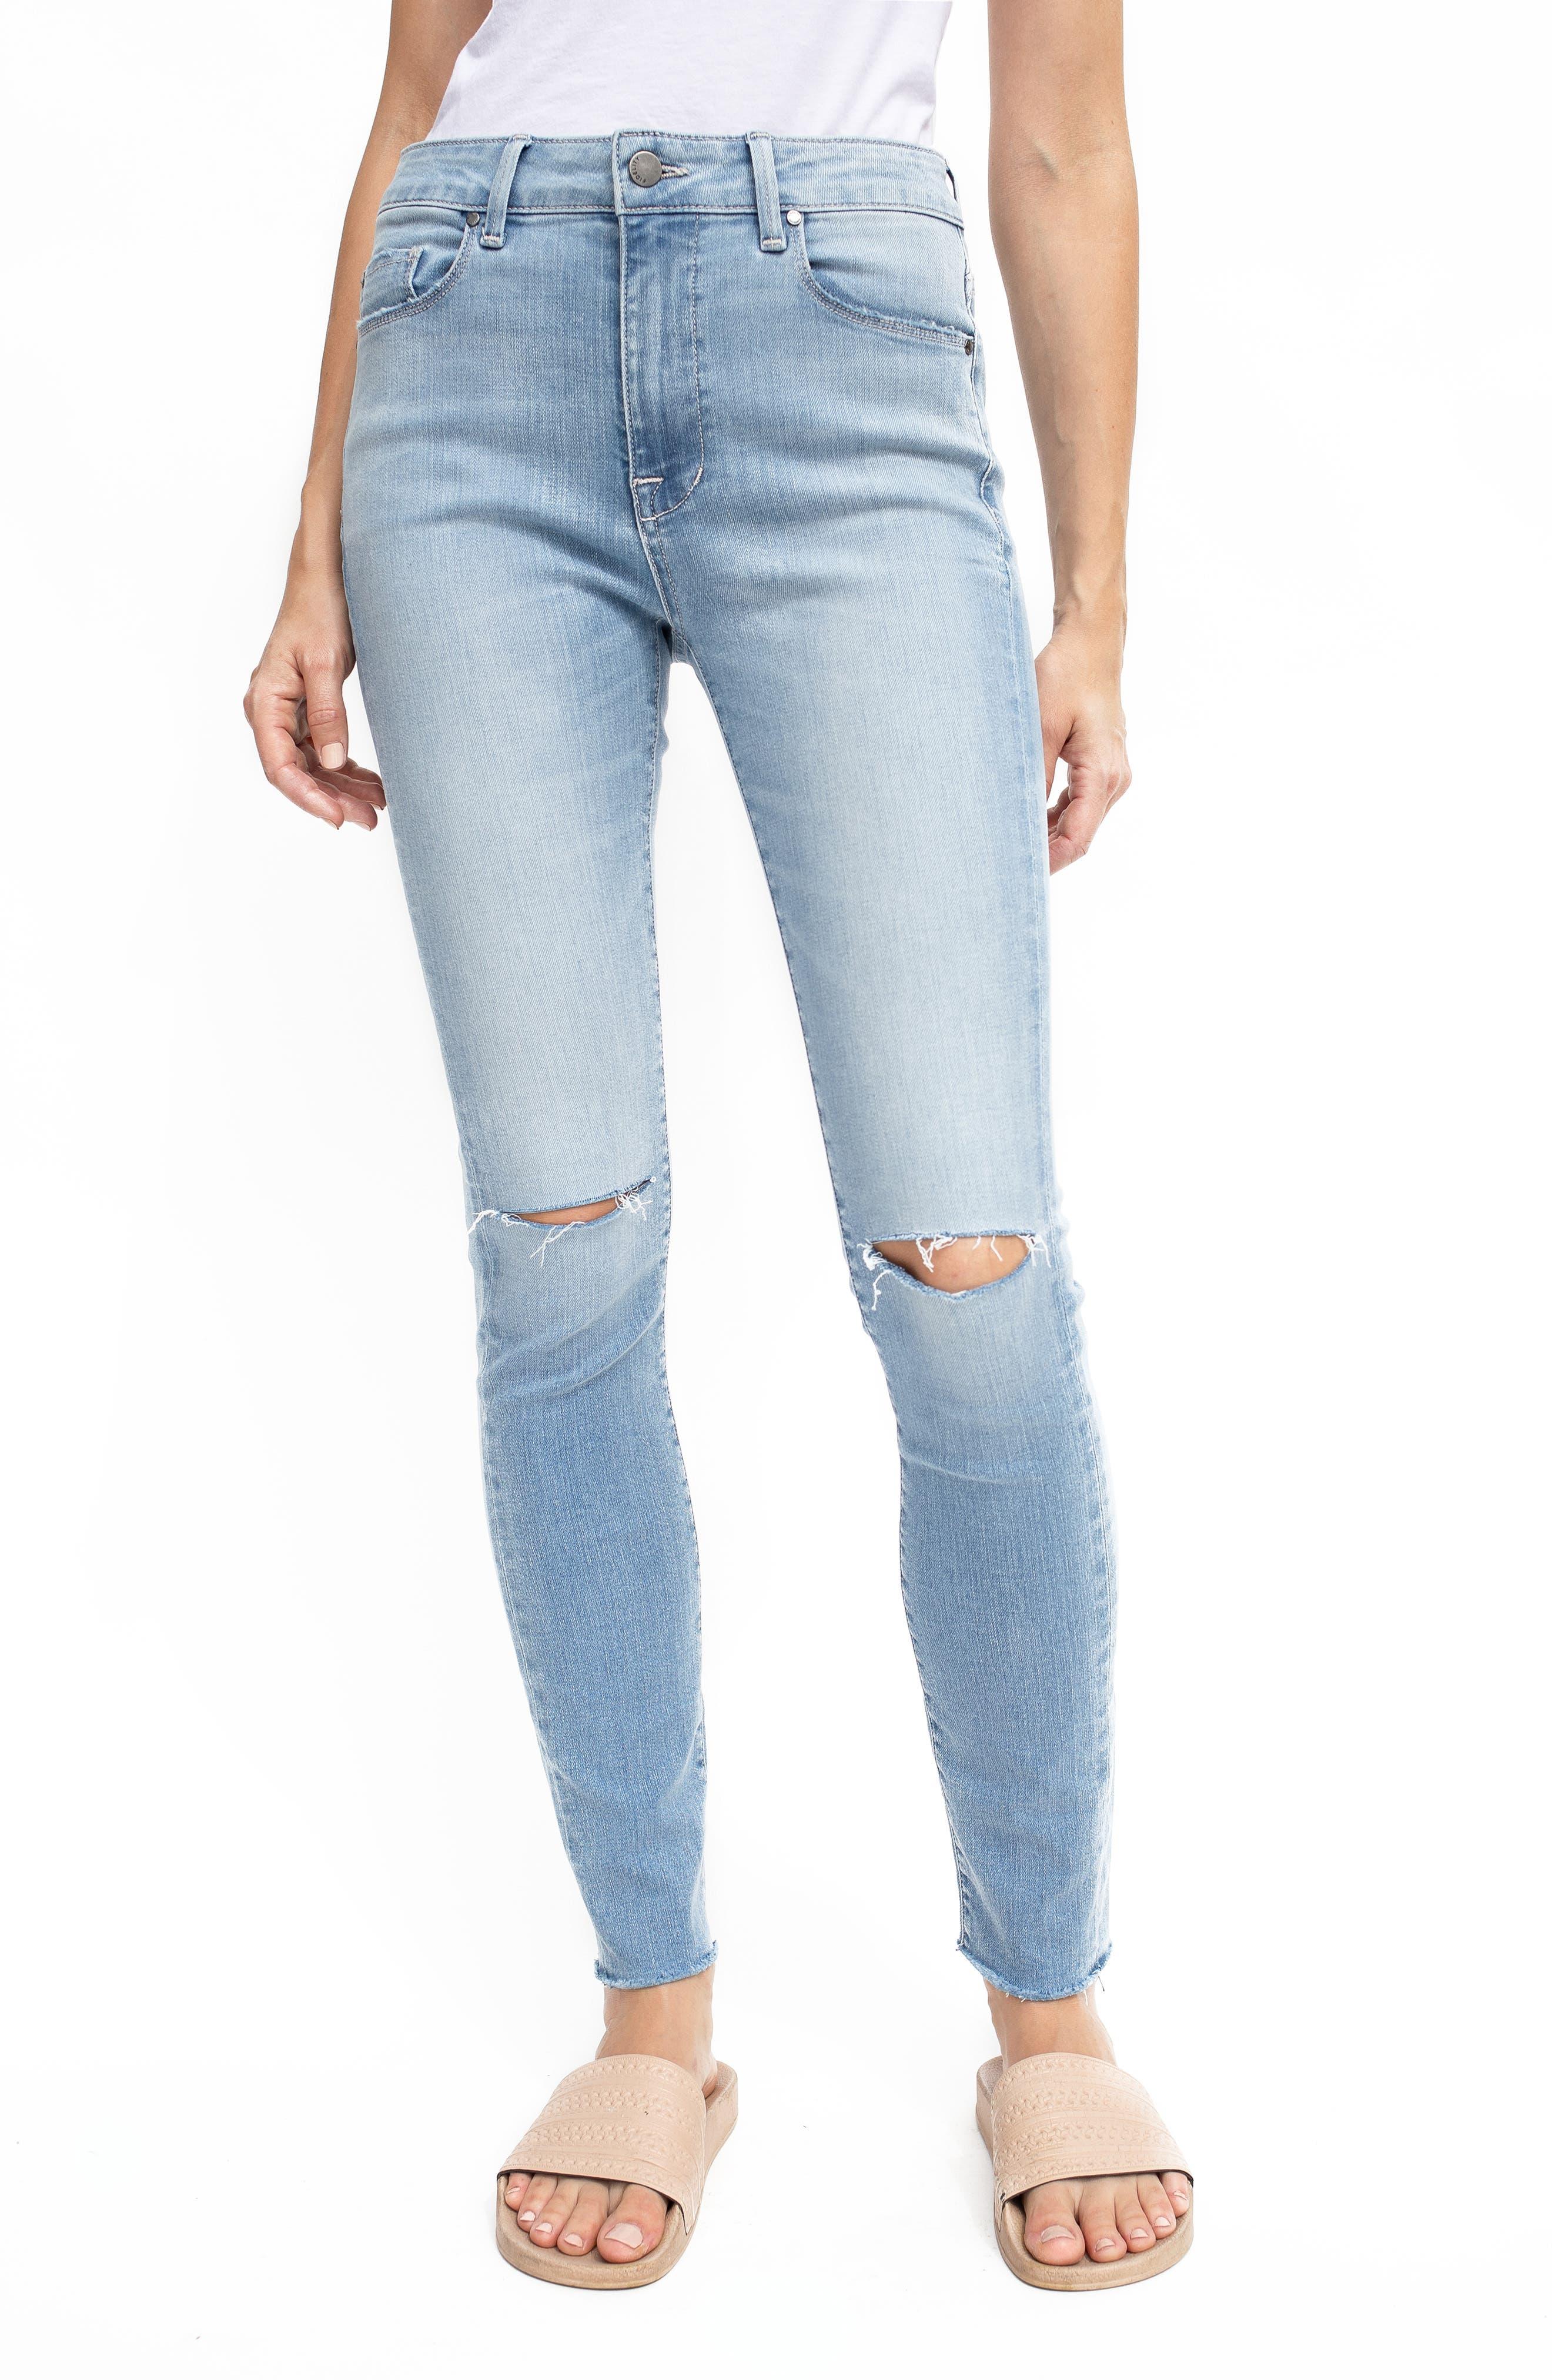 Women's Fidelity Gwen High Waist Ripped Skinny Jeans